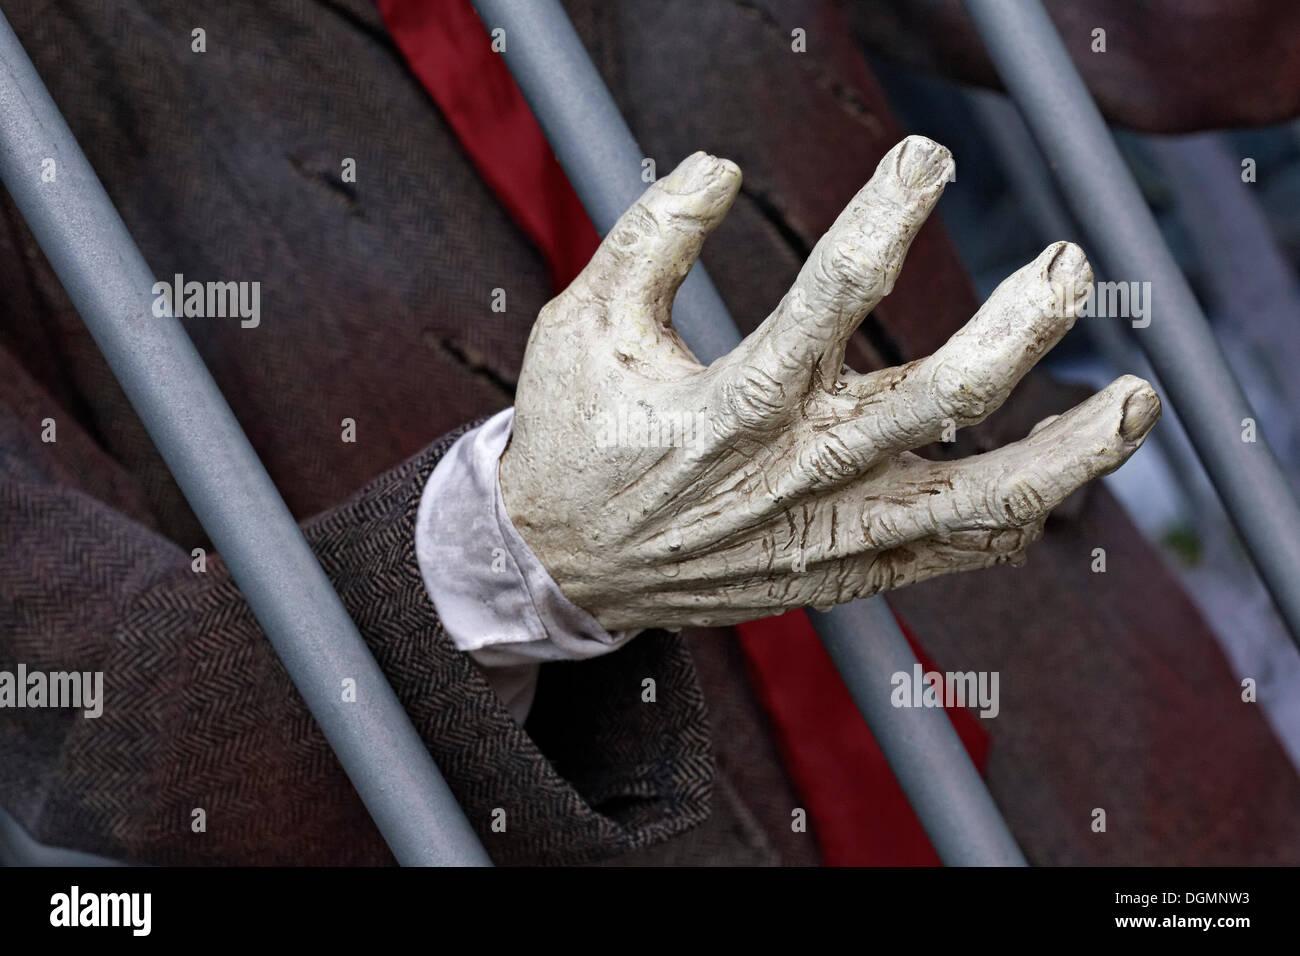 La mano di raggiungere attraverso sbarre della prigione, Haunted House figura Immagini Stock